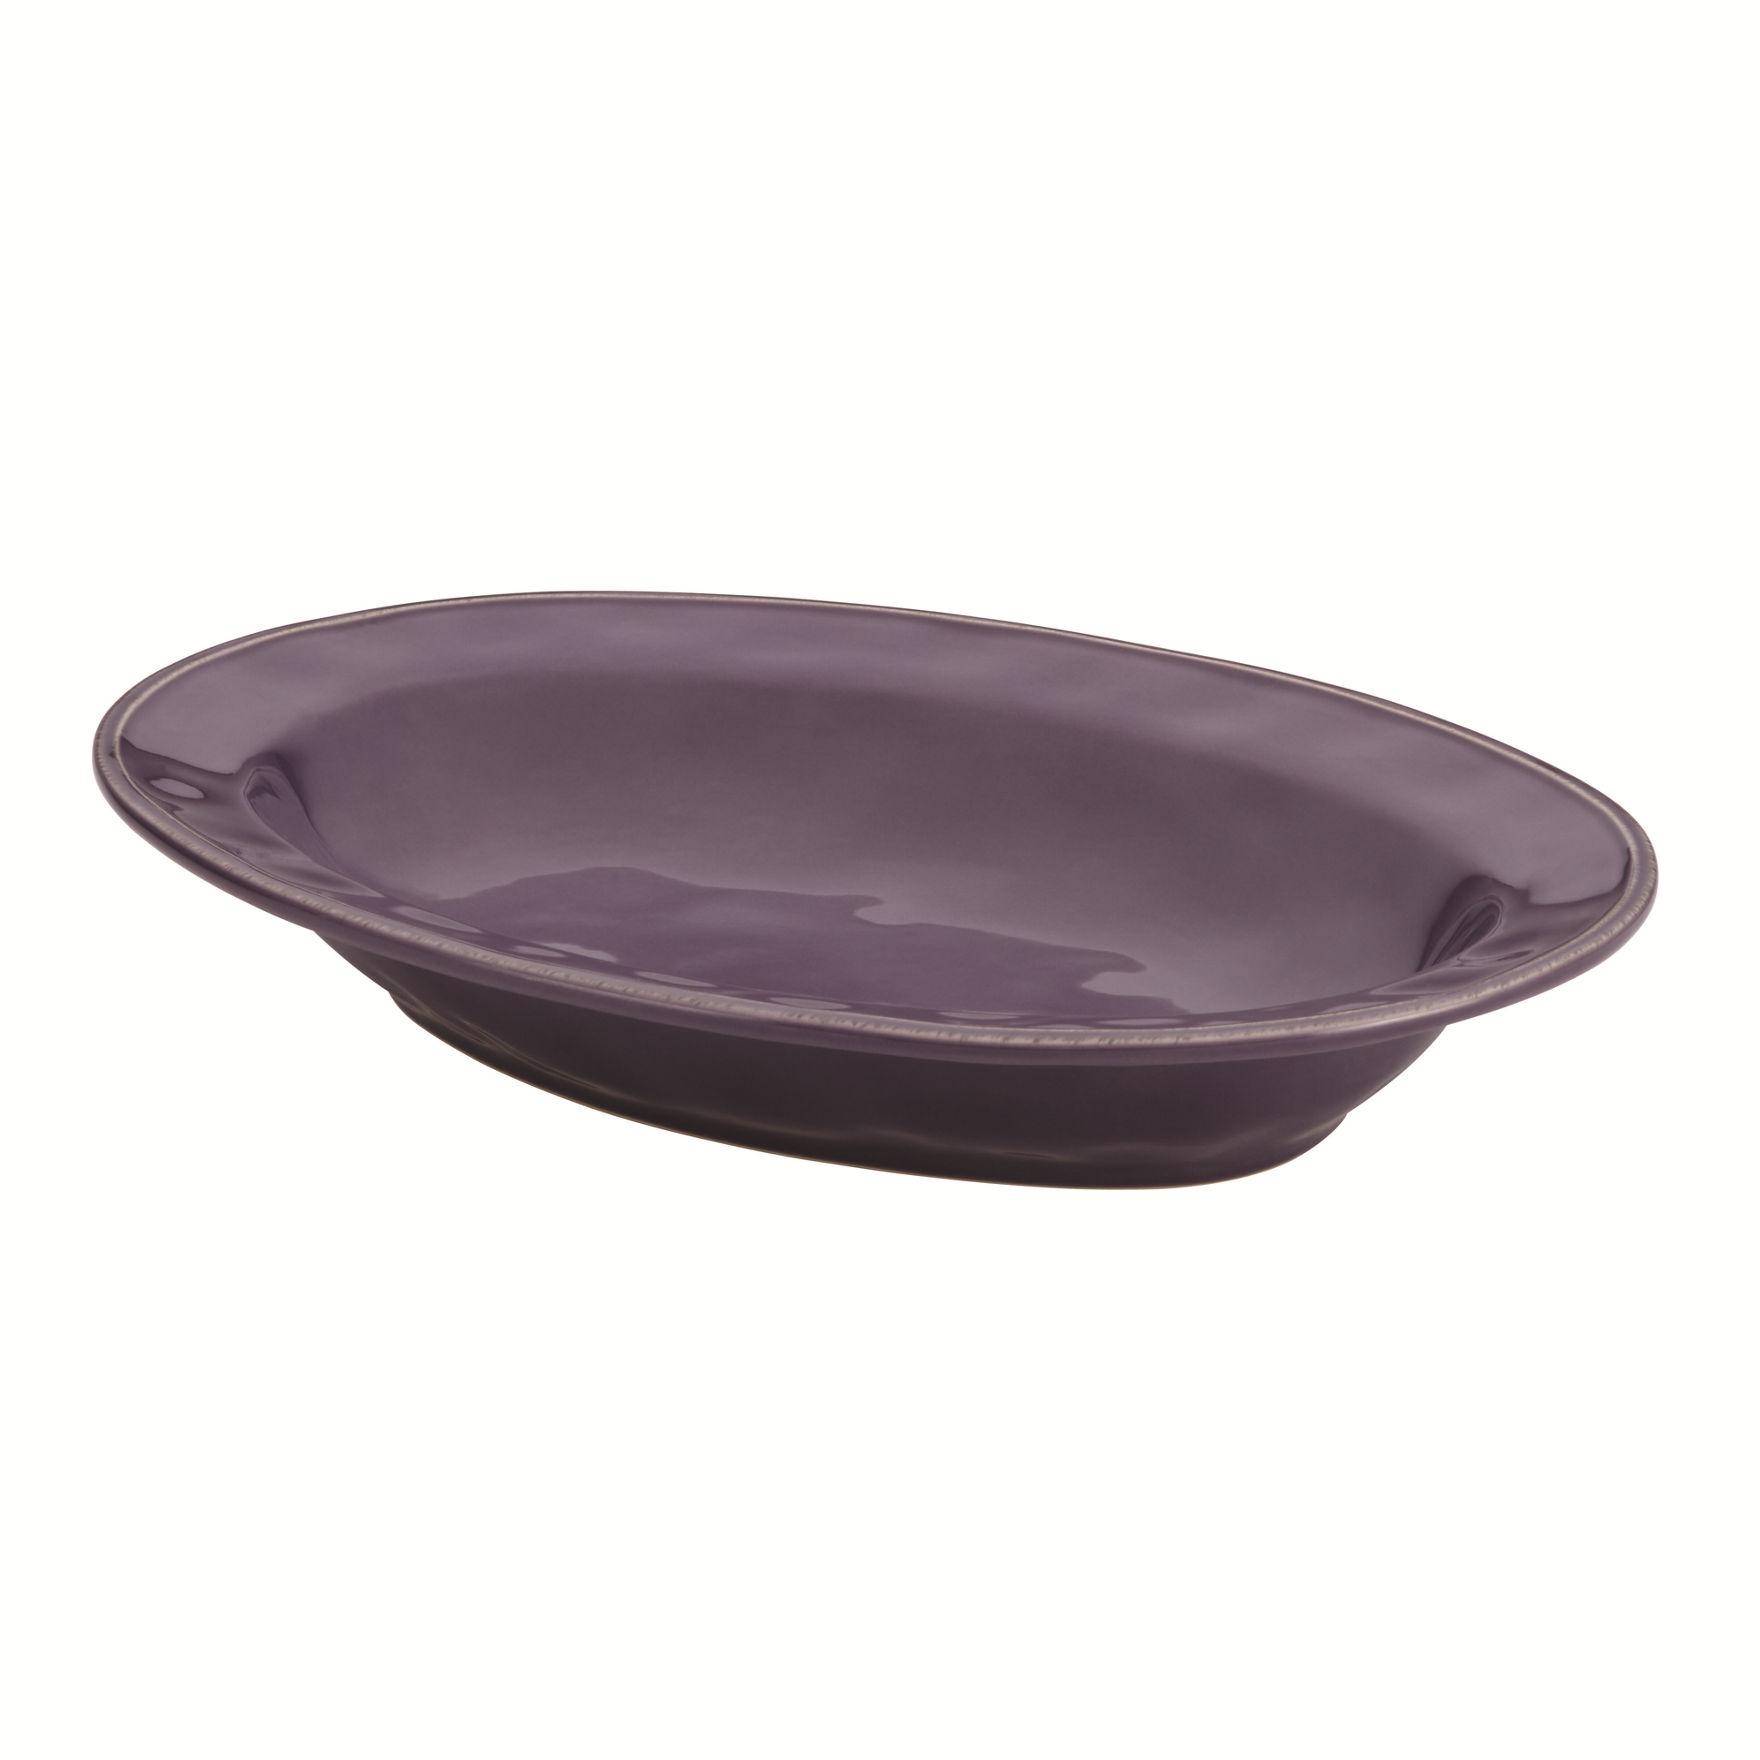 Rachael Ray Purple Bowls Dinnerware